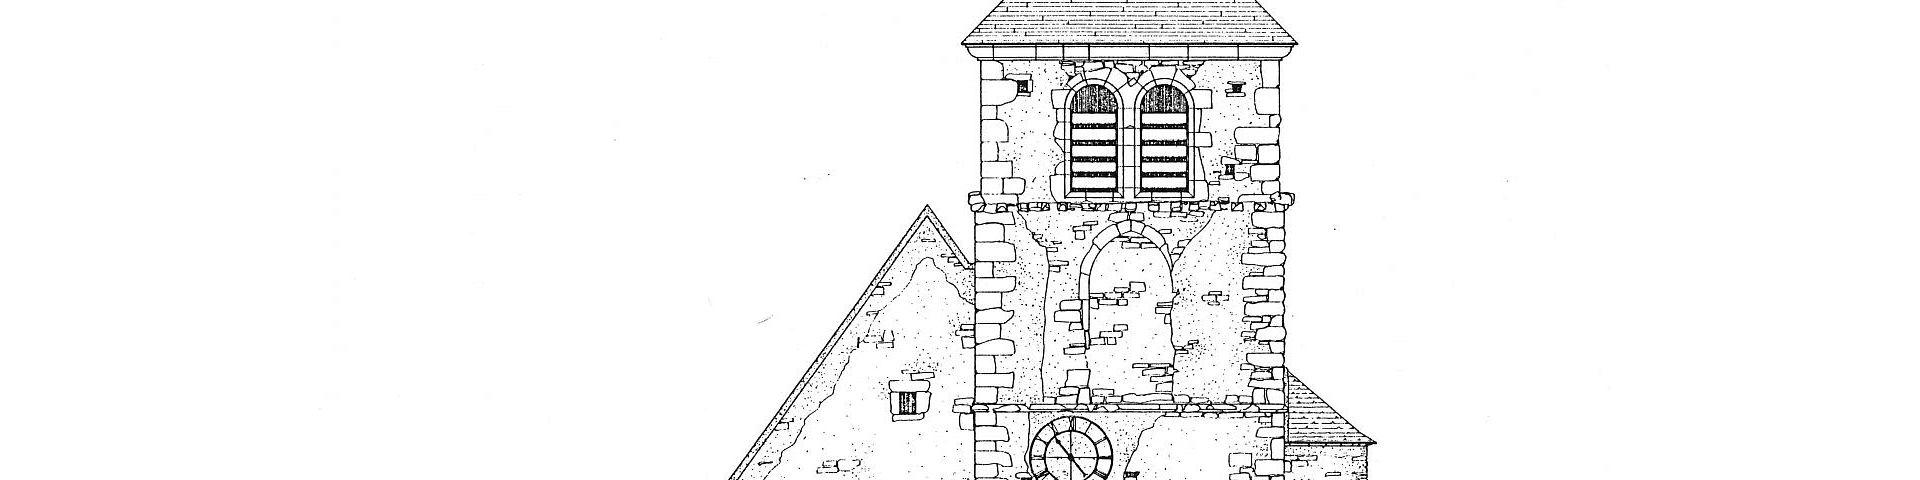 Argenteuil sur Armançon - Eglise (89)